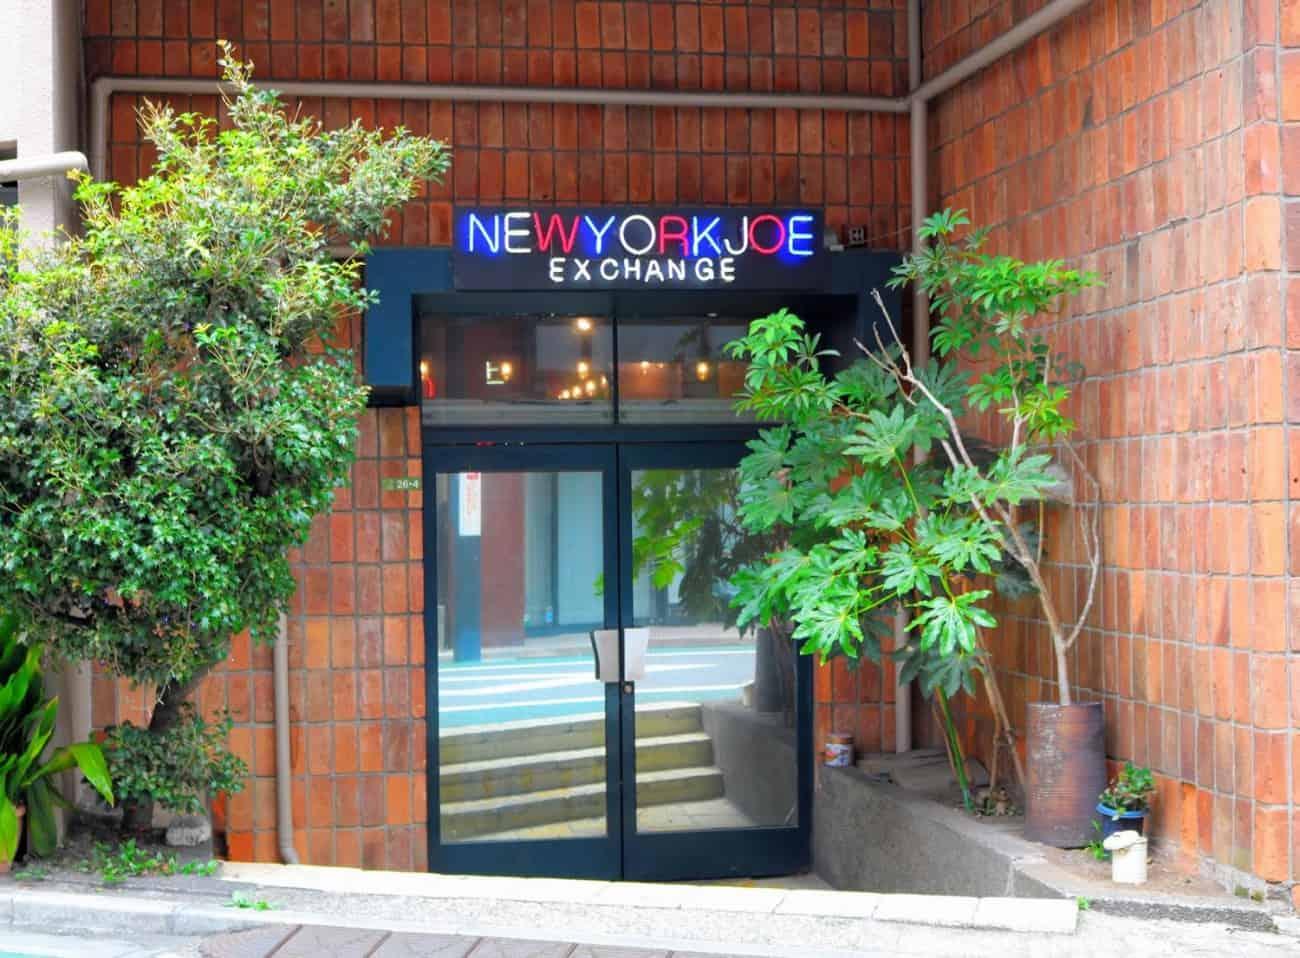 ร้าน NEW YORK JOE EXCHANGE ที่ย่านชิโมะคิตะซาว่า (Shimokitazawa)